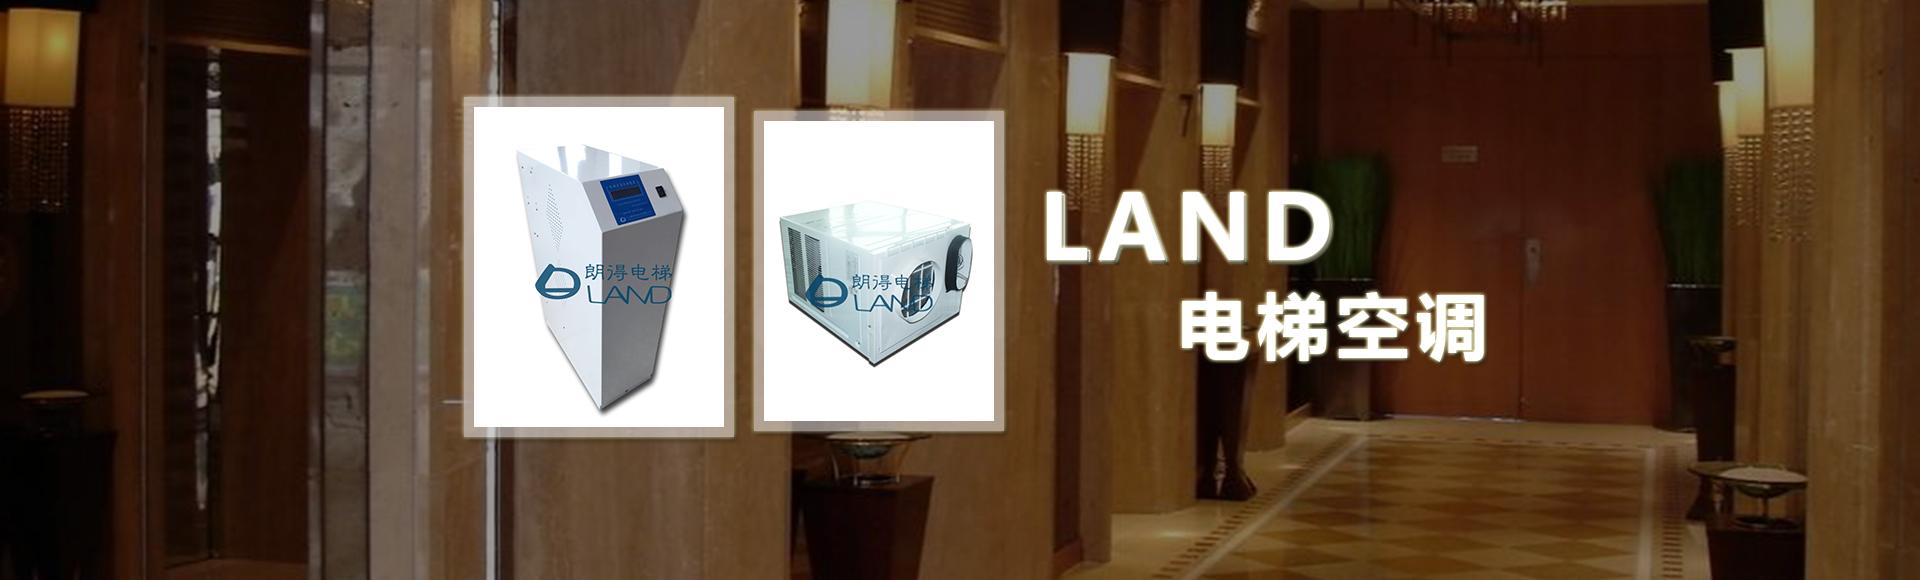 广州朗得电梯空调